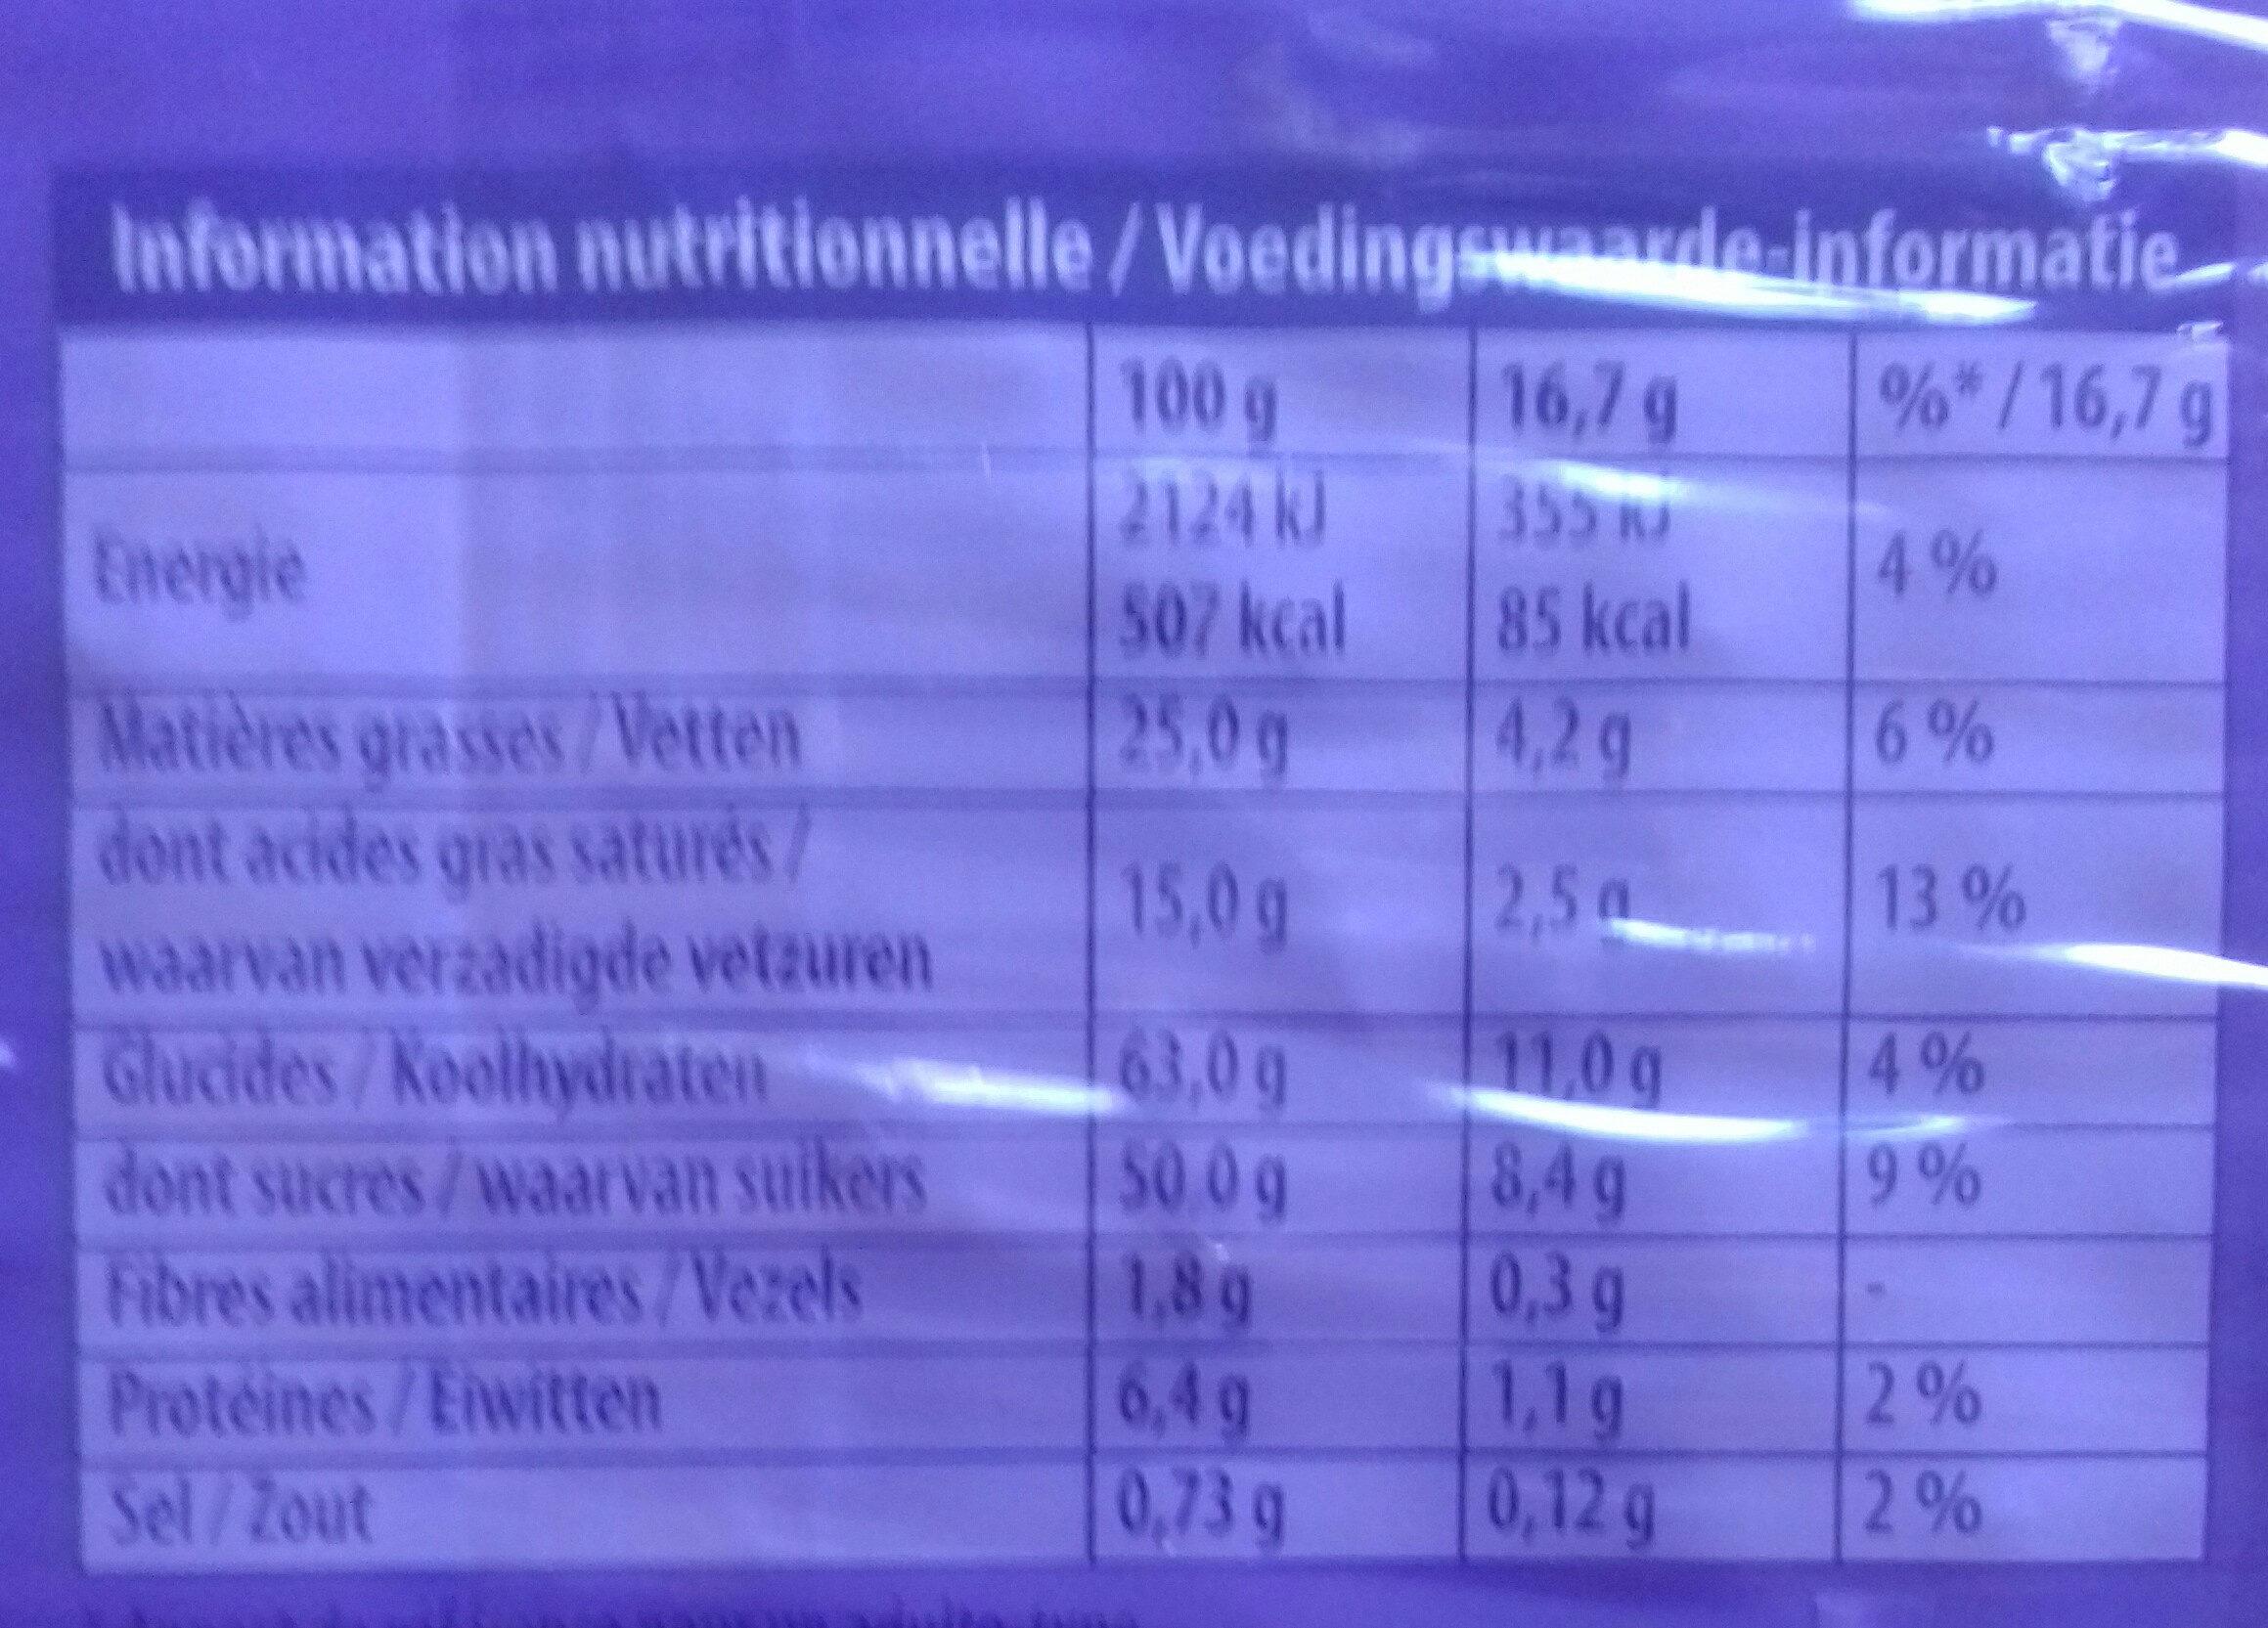 Chocolat au lait et aux grains de riz soufflés - Voedigswaarden